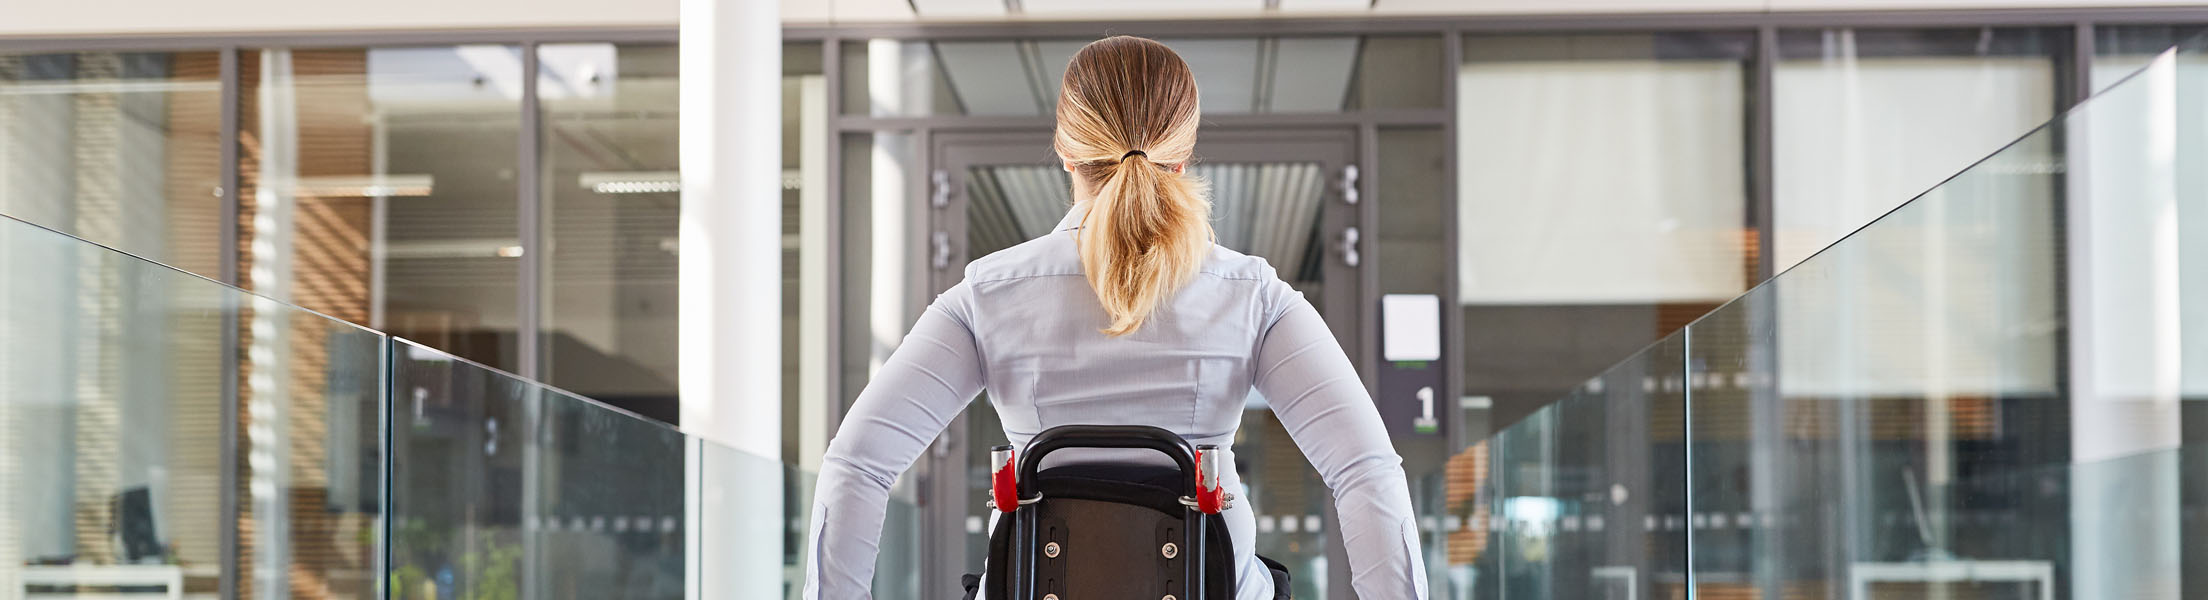 Frau im Rollstuhl (Ansicht von hinten) fährt in einem Bürogebäude einen Gang entlang mit Glas-Geländer.